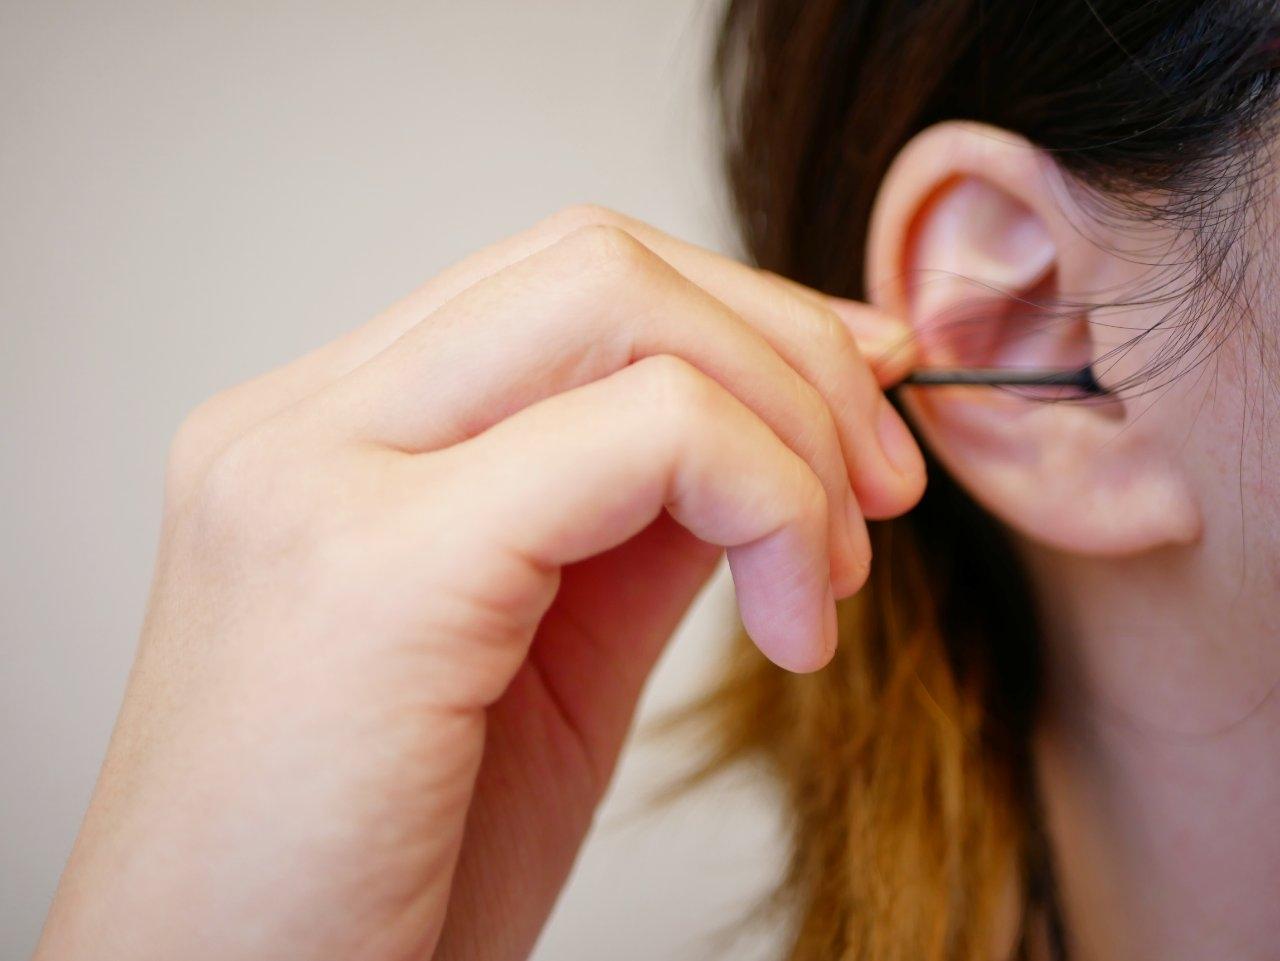 耳かき 女の子がお客様の耳をお掃除させて頂きます。